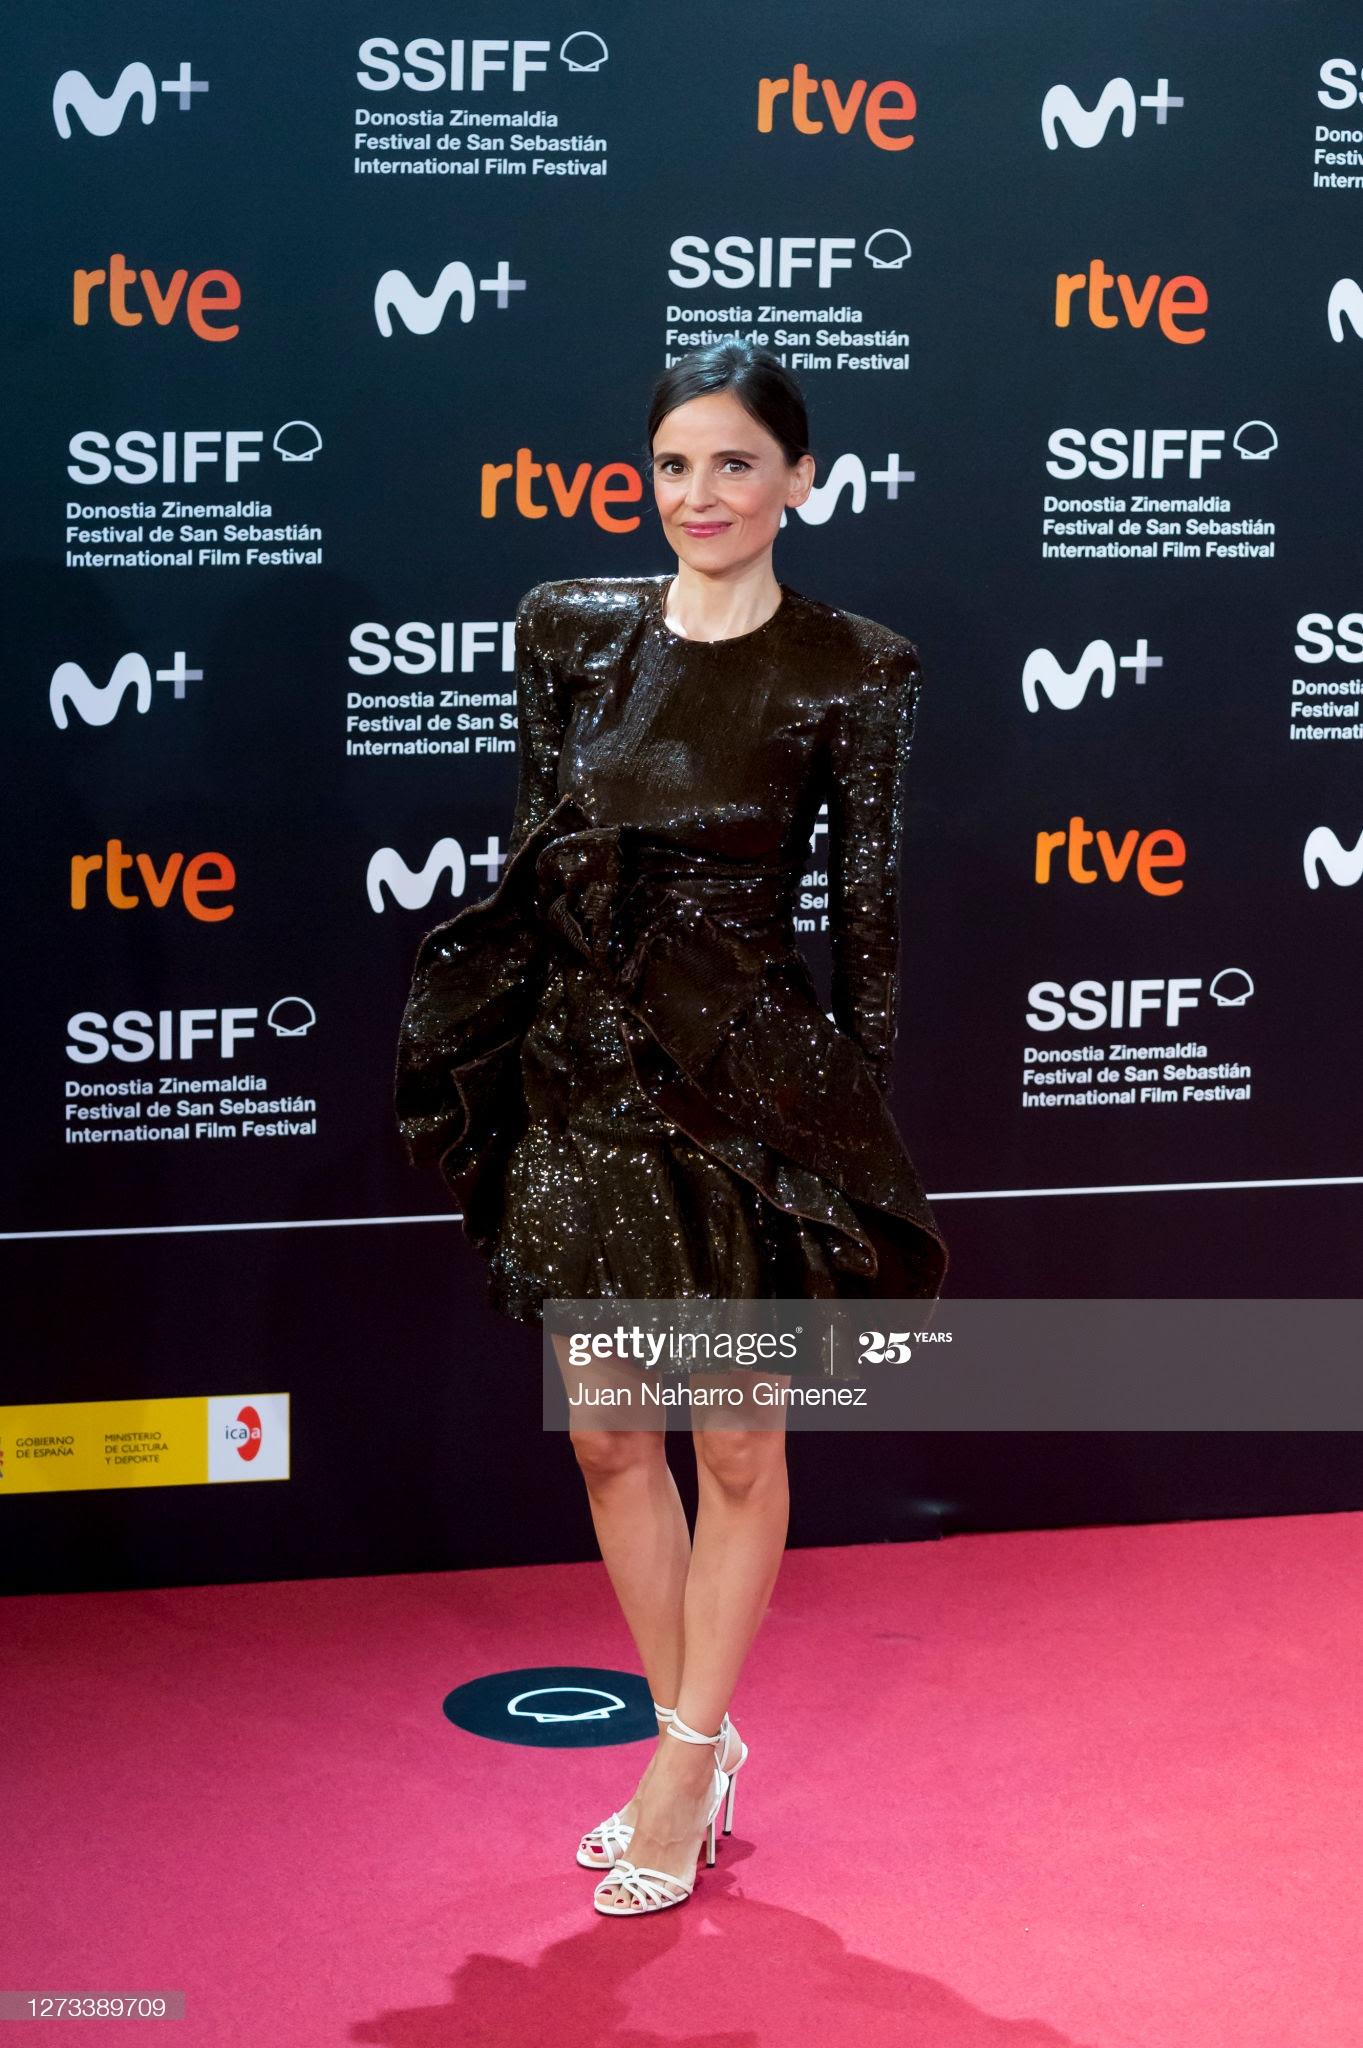 09f31bb1 49ad 4644 8a25 25316af3e7fa - Festival de San Sebastián: Todas las celebrities que han lucido Jimmy Choo y Elisabetta Franchi en la alfombra roja